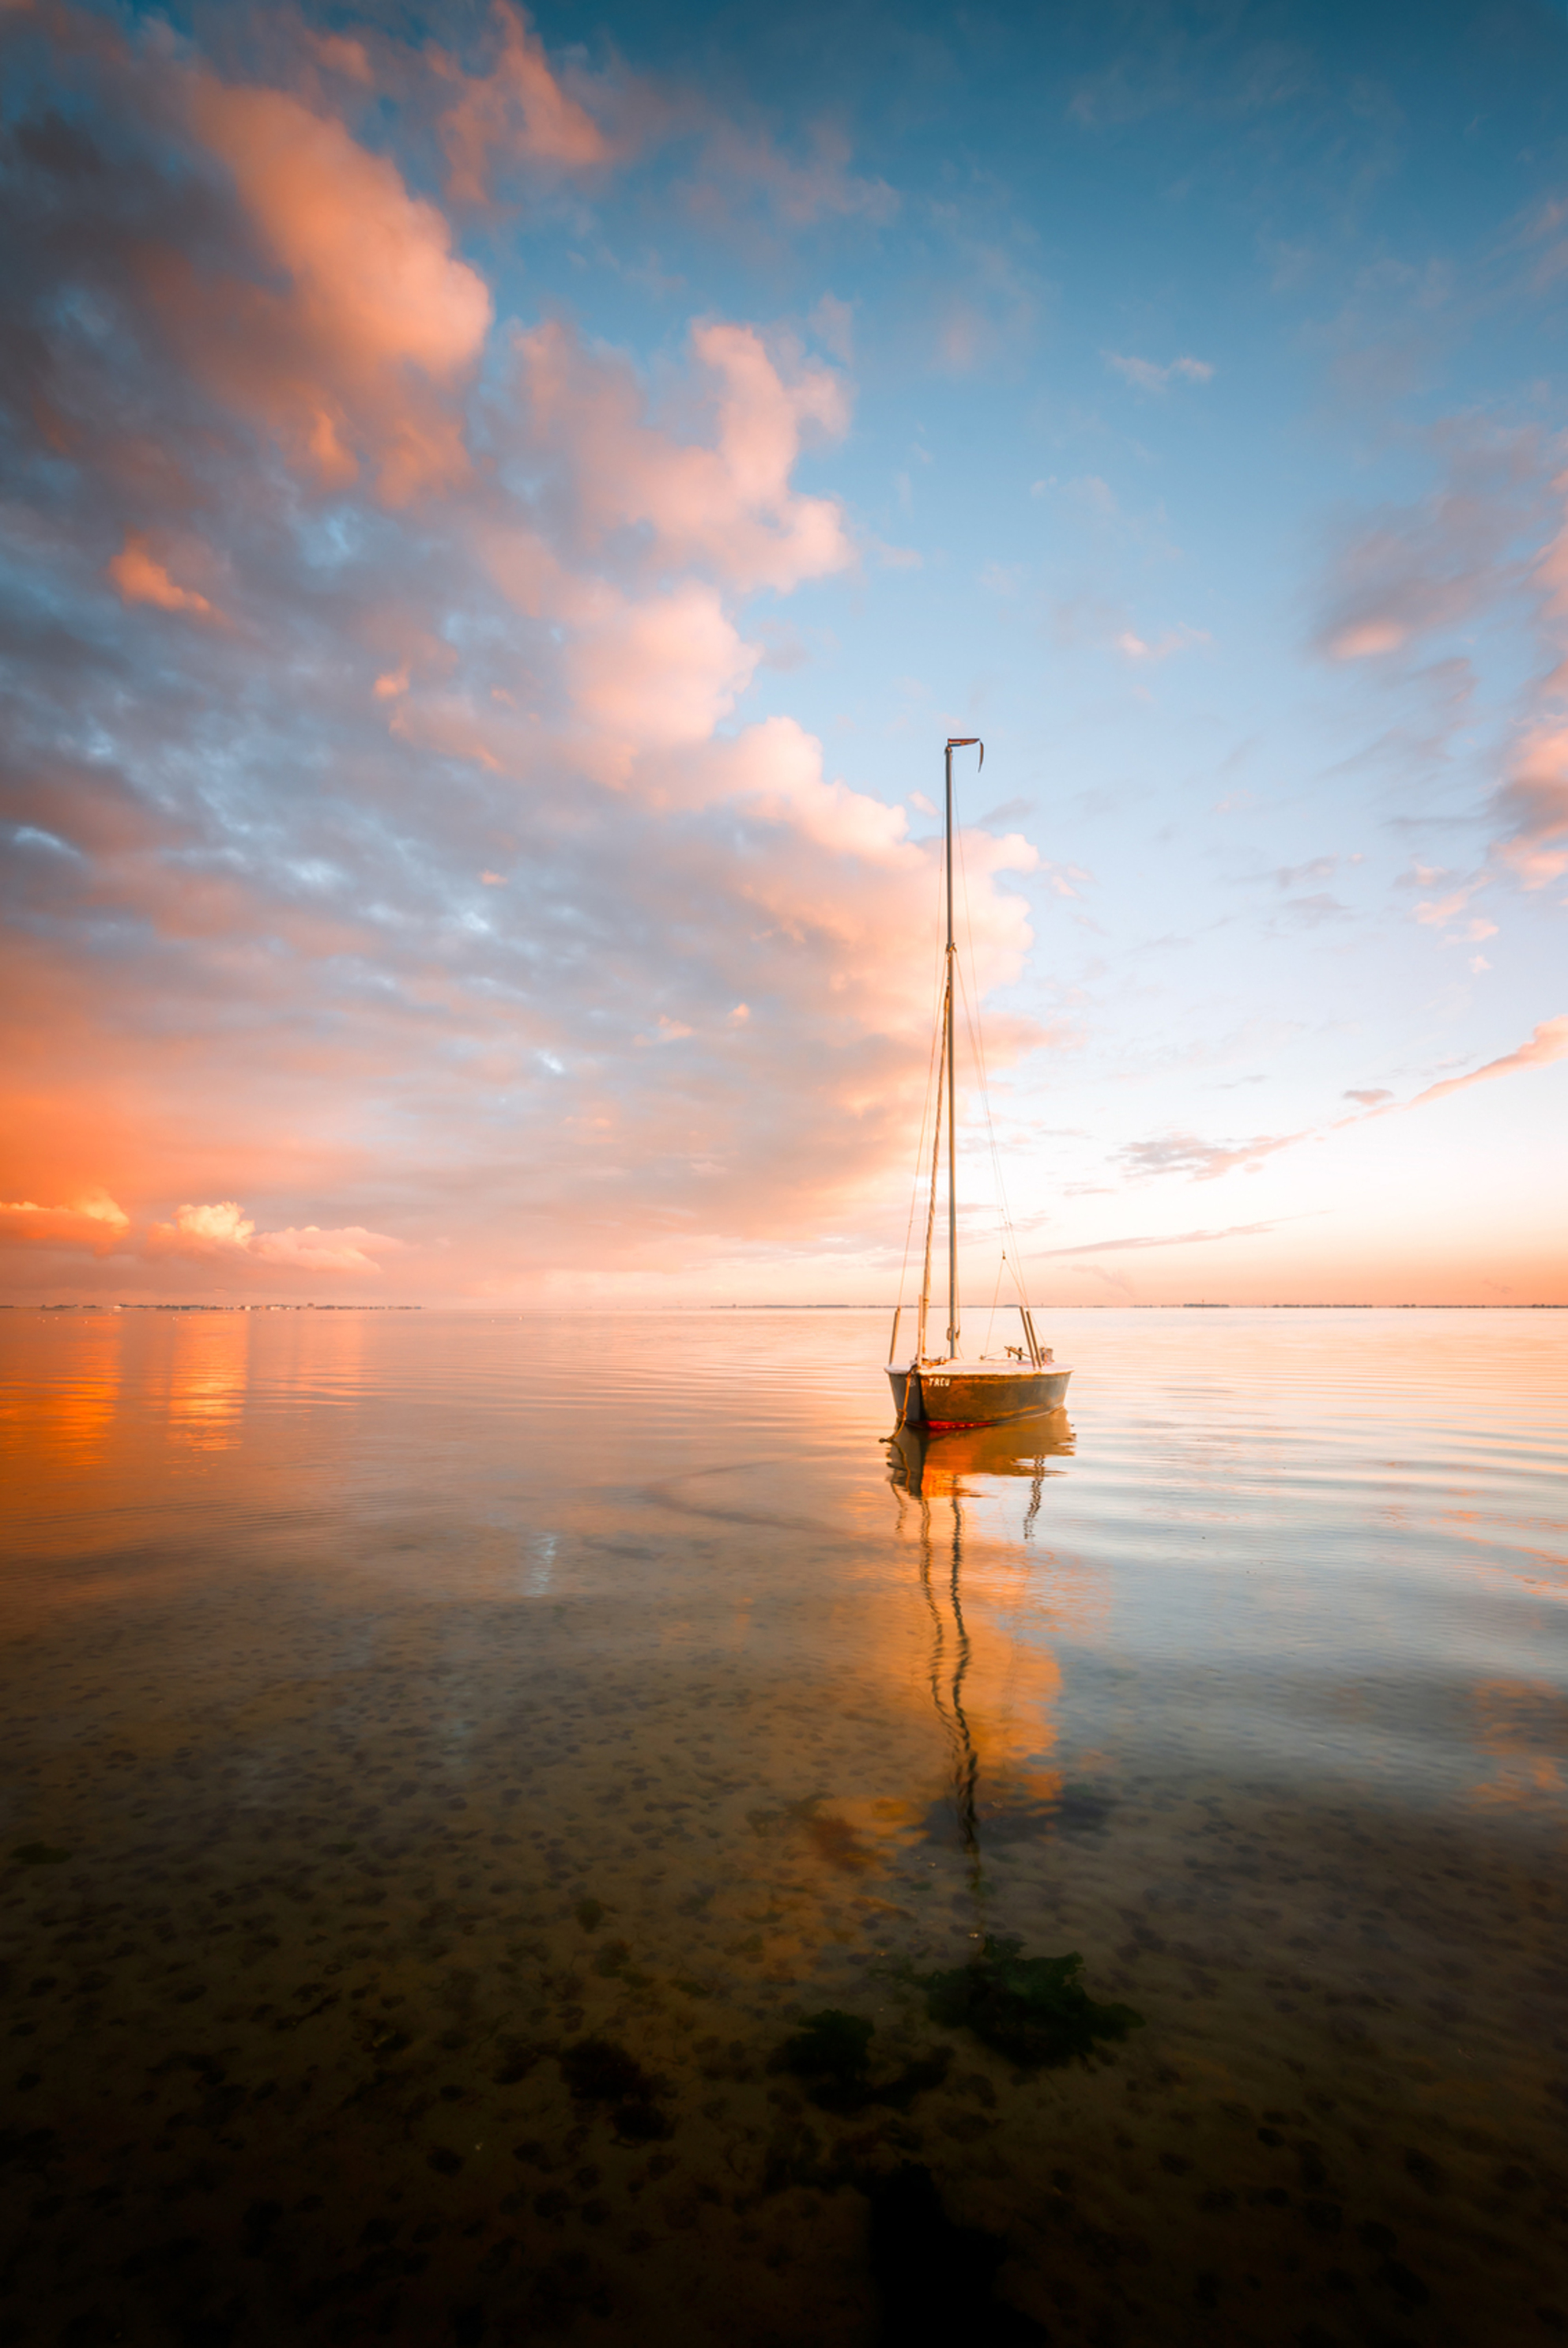 Serenity - Een her-edit van een foto die ik maakte in september vorig jaar. Om deze foto te maken wilde ik er zijn op het moment dat het getij afgaand was rond  - foto door FotograQui op 05-04-2021 - deze foto bevat: wolken, zee, water, natuur, licht, boot, spiegeling, landschap, zonsopkomst, meer, nikon, zeeland, kust, oosterschelde